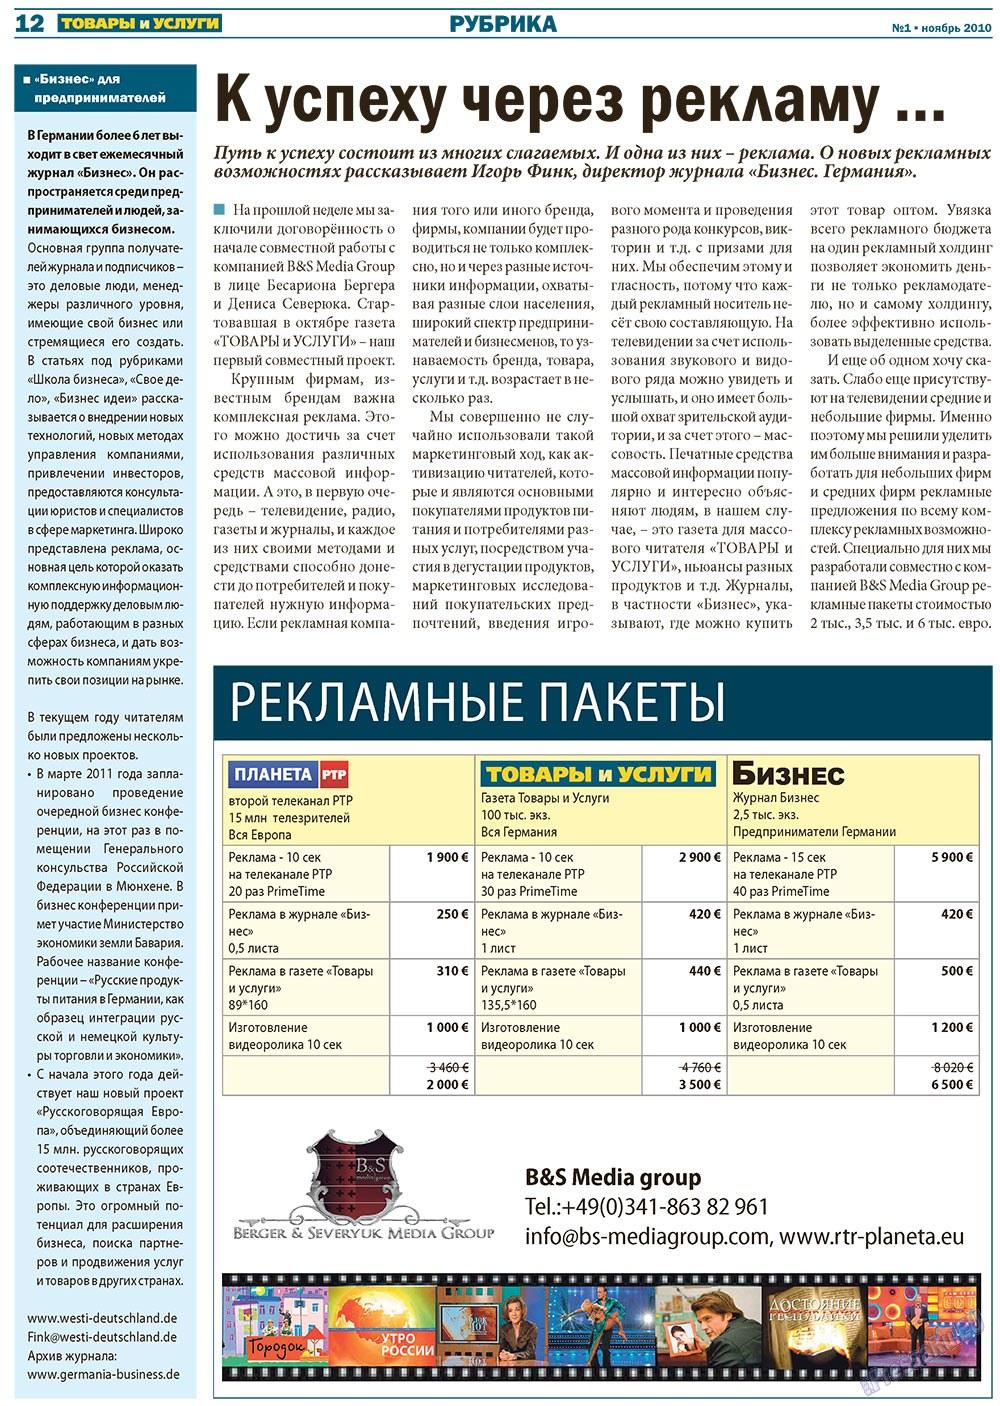 Товары и услуги (газета). 2010 год, номер 1, стр. 12